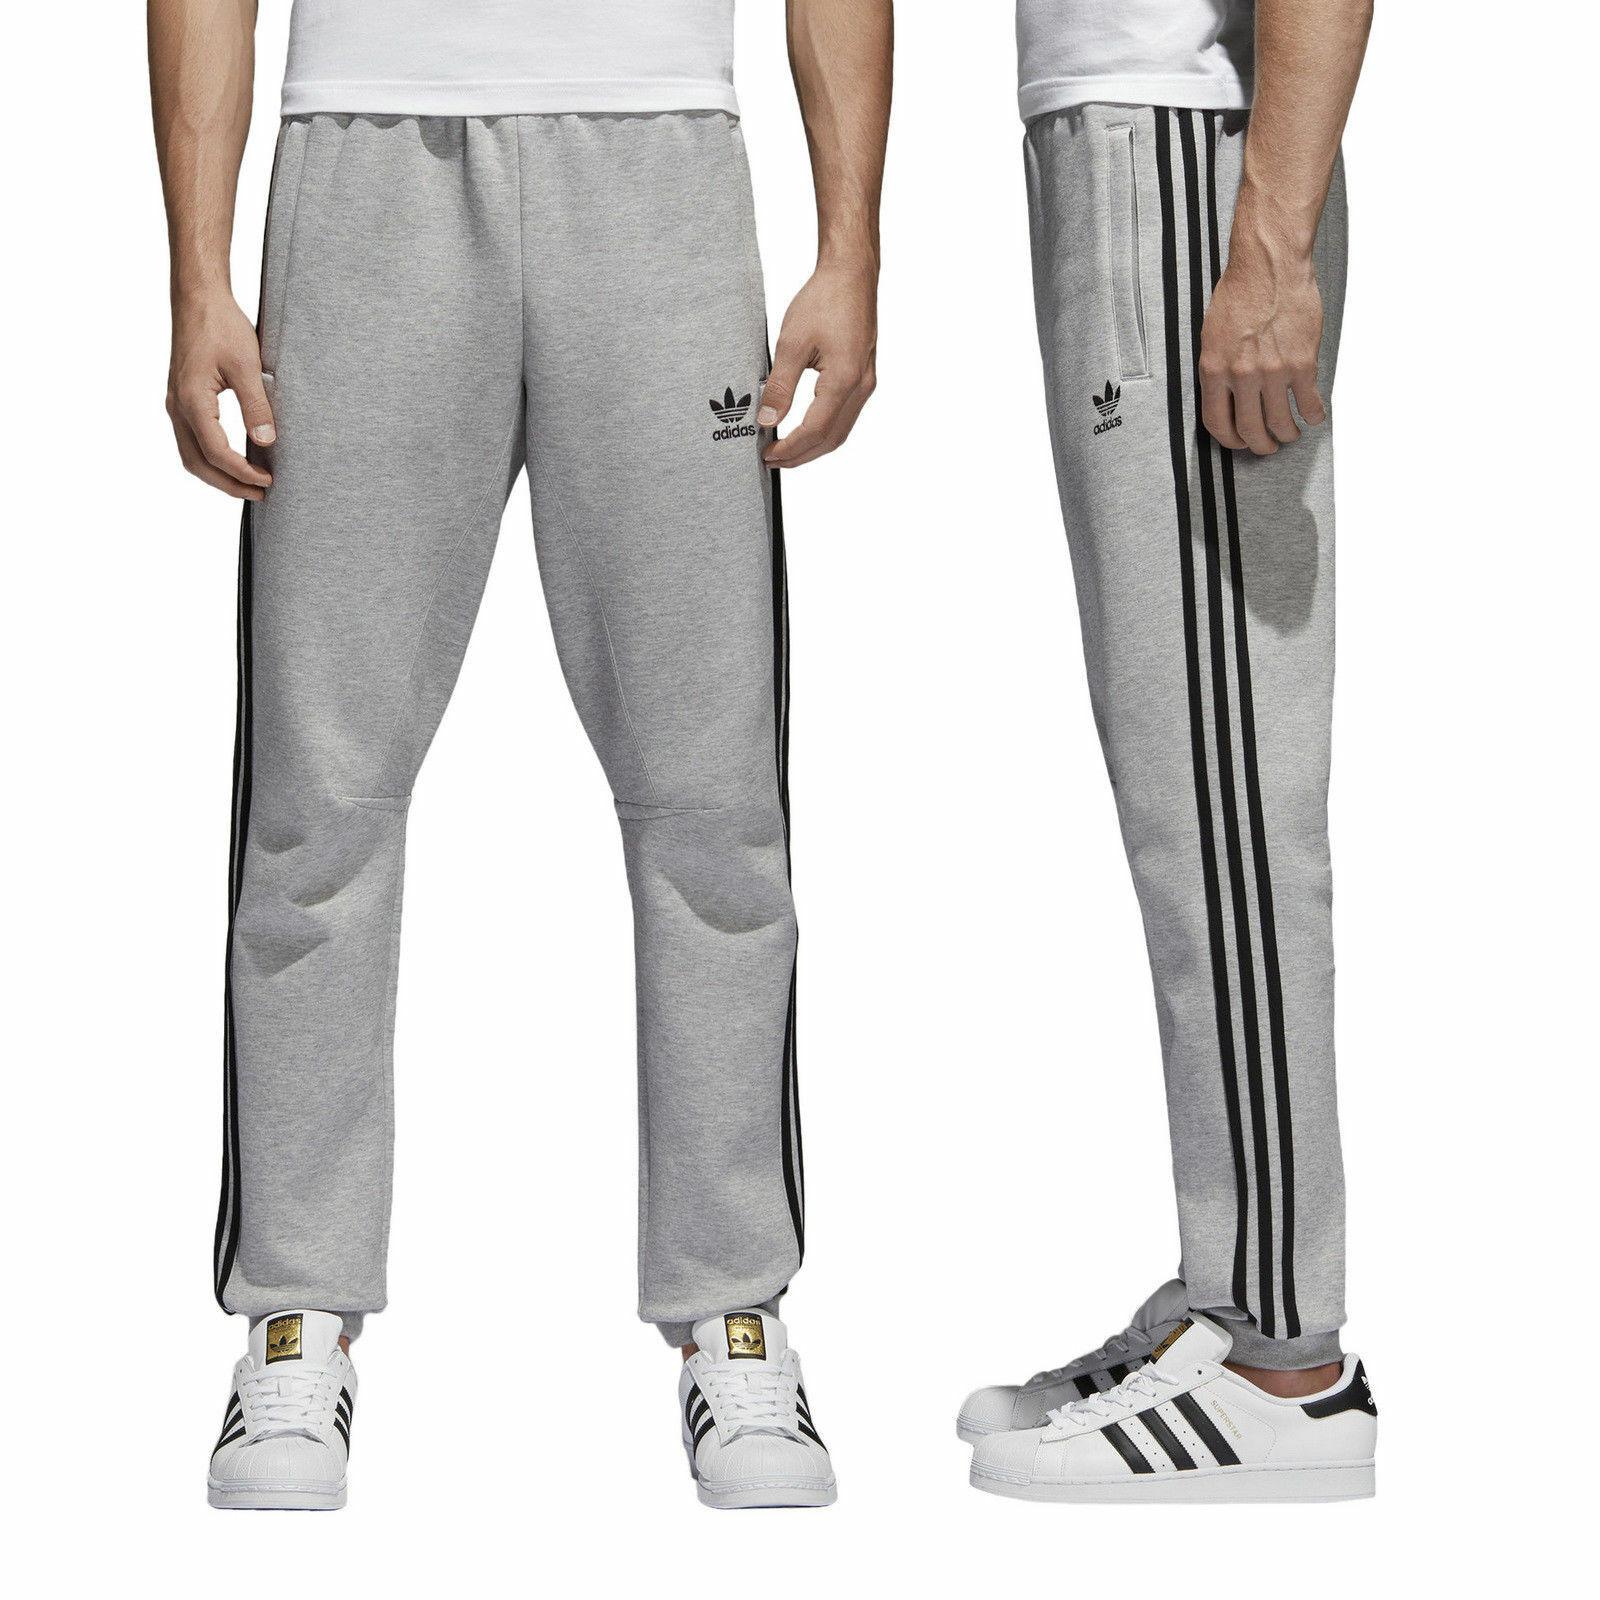 adidas – Originals adicolor – Jogginghose mit 3 Streifen in Blau, CW2430